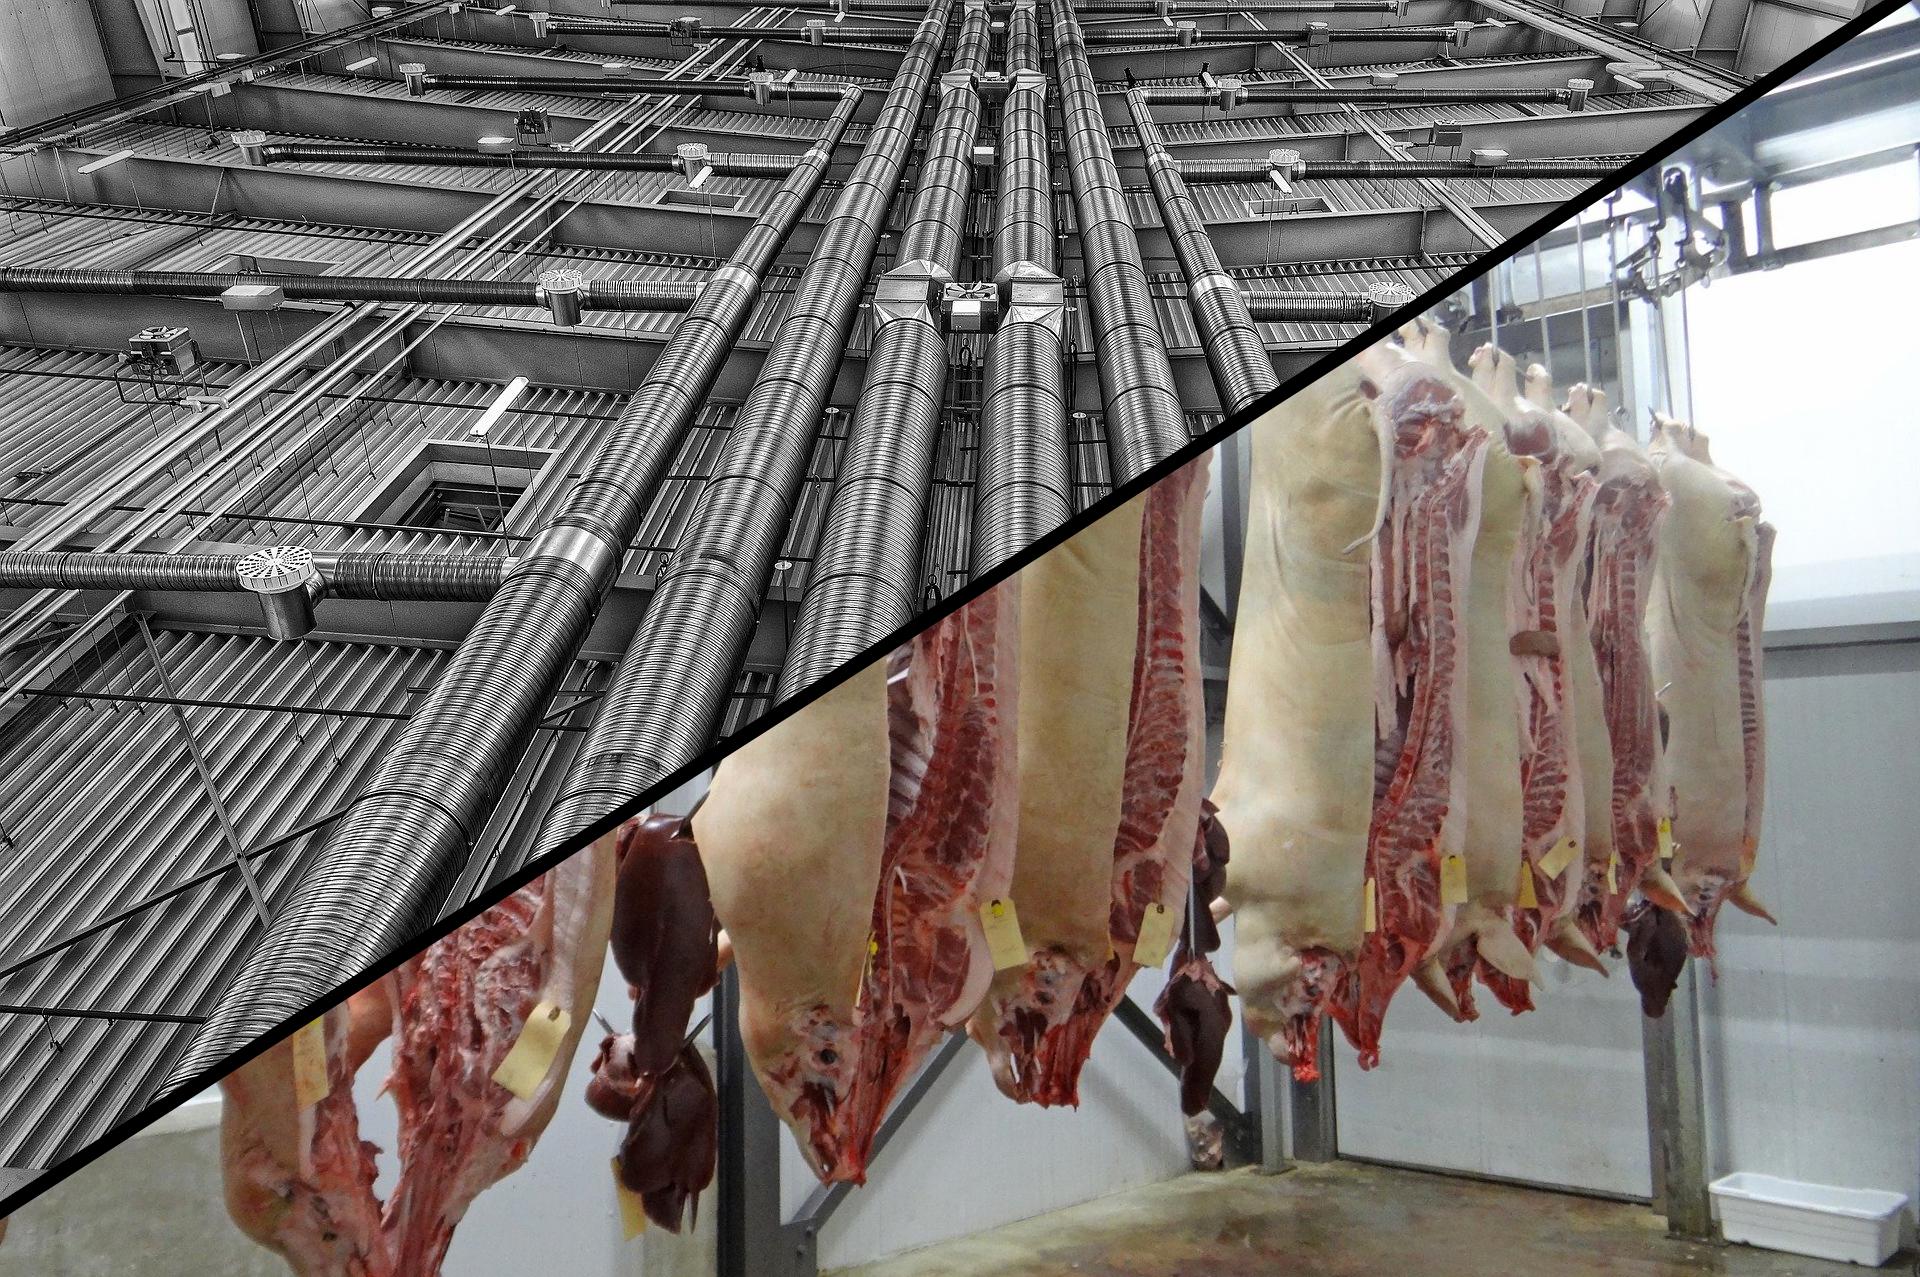 Dicke Luft in der Fleischindustrie, Dr. Nicole Raiss